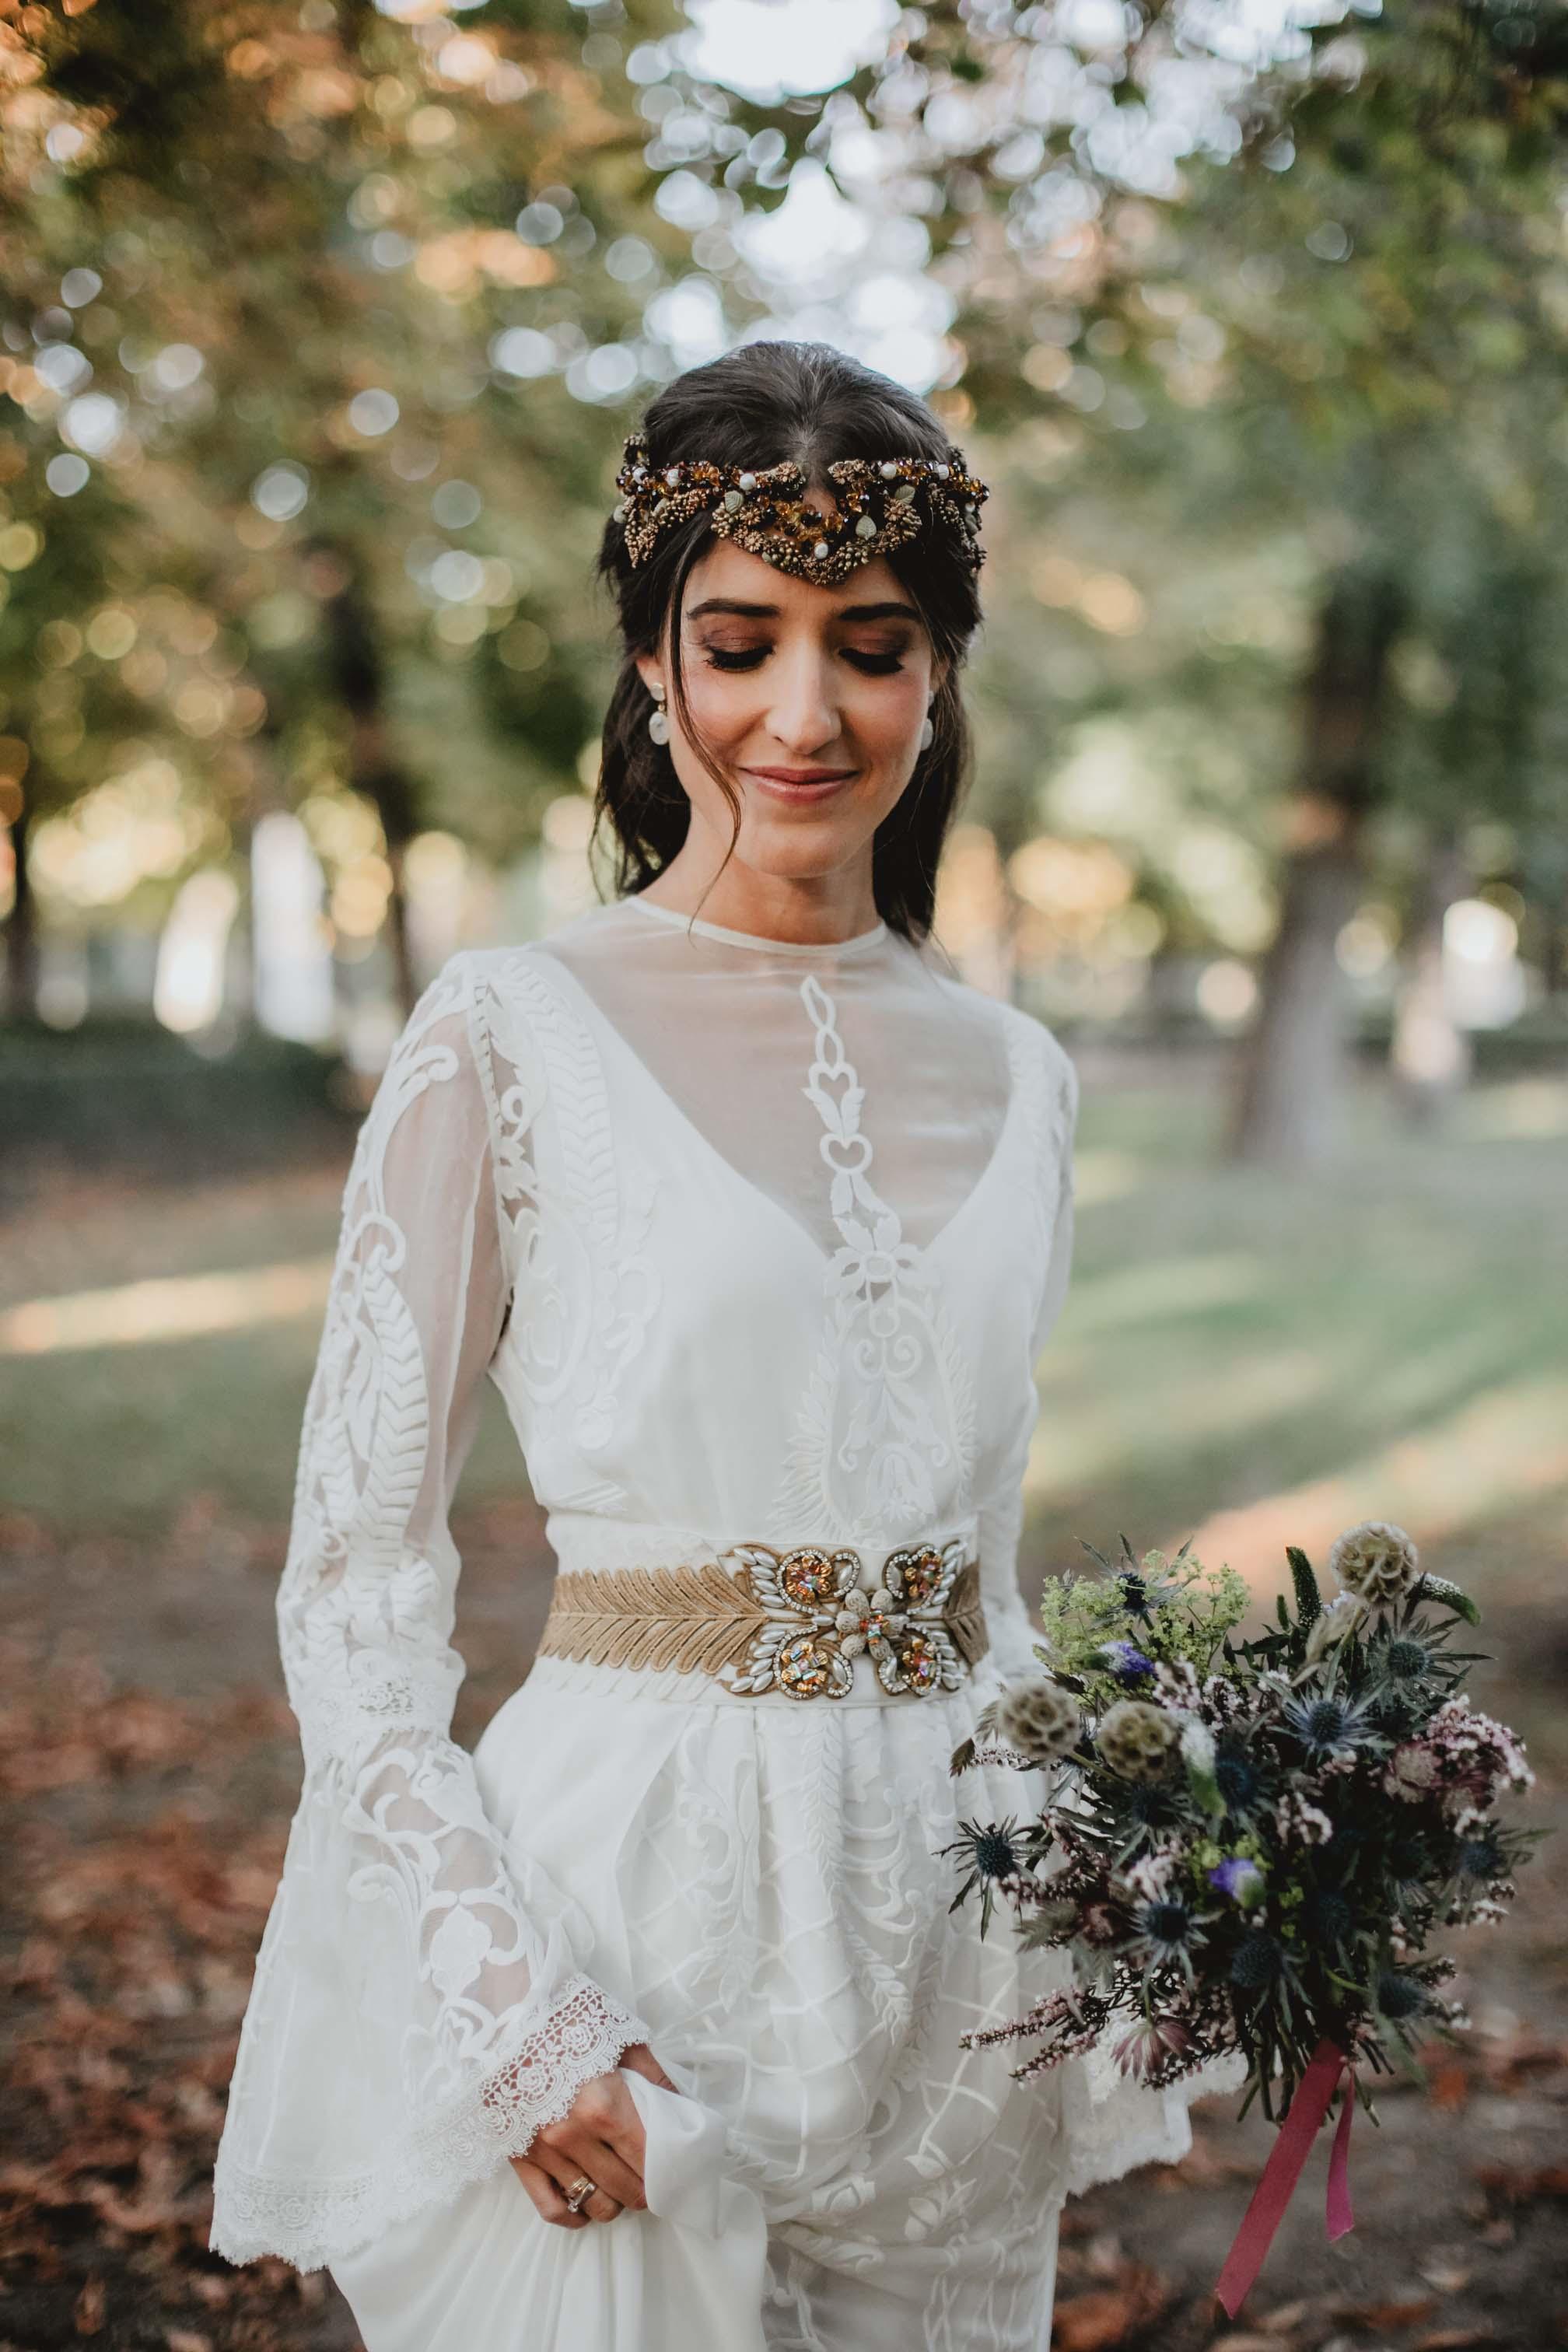 Novia 2019 vestido medieval boho puntilla cola quita y pon espalda Matilde Cano